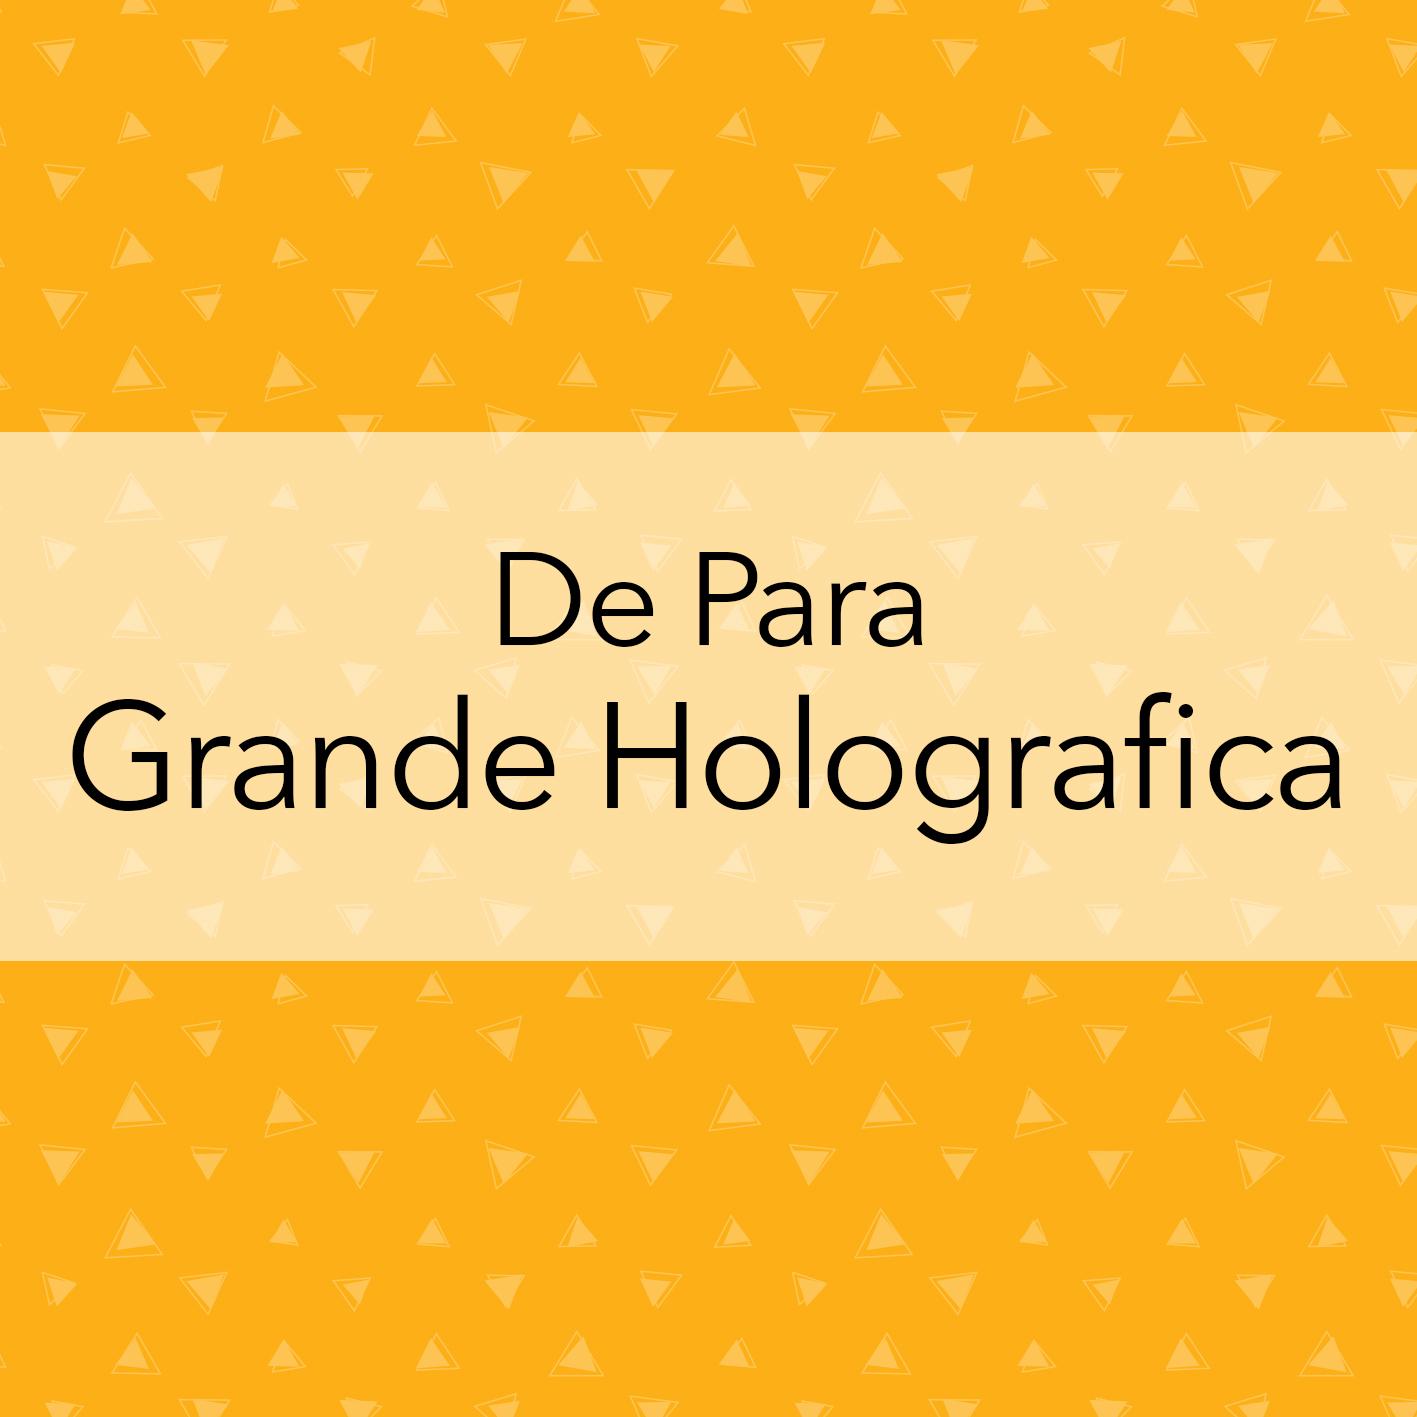 DE PARA GRANDE HOLOGRAFICA